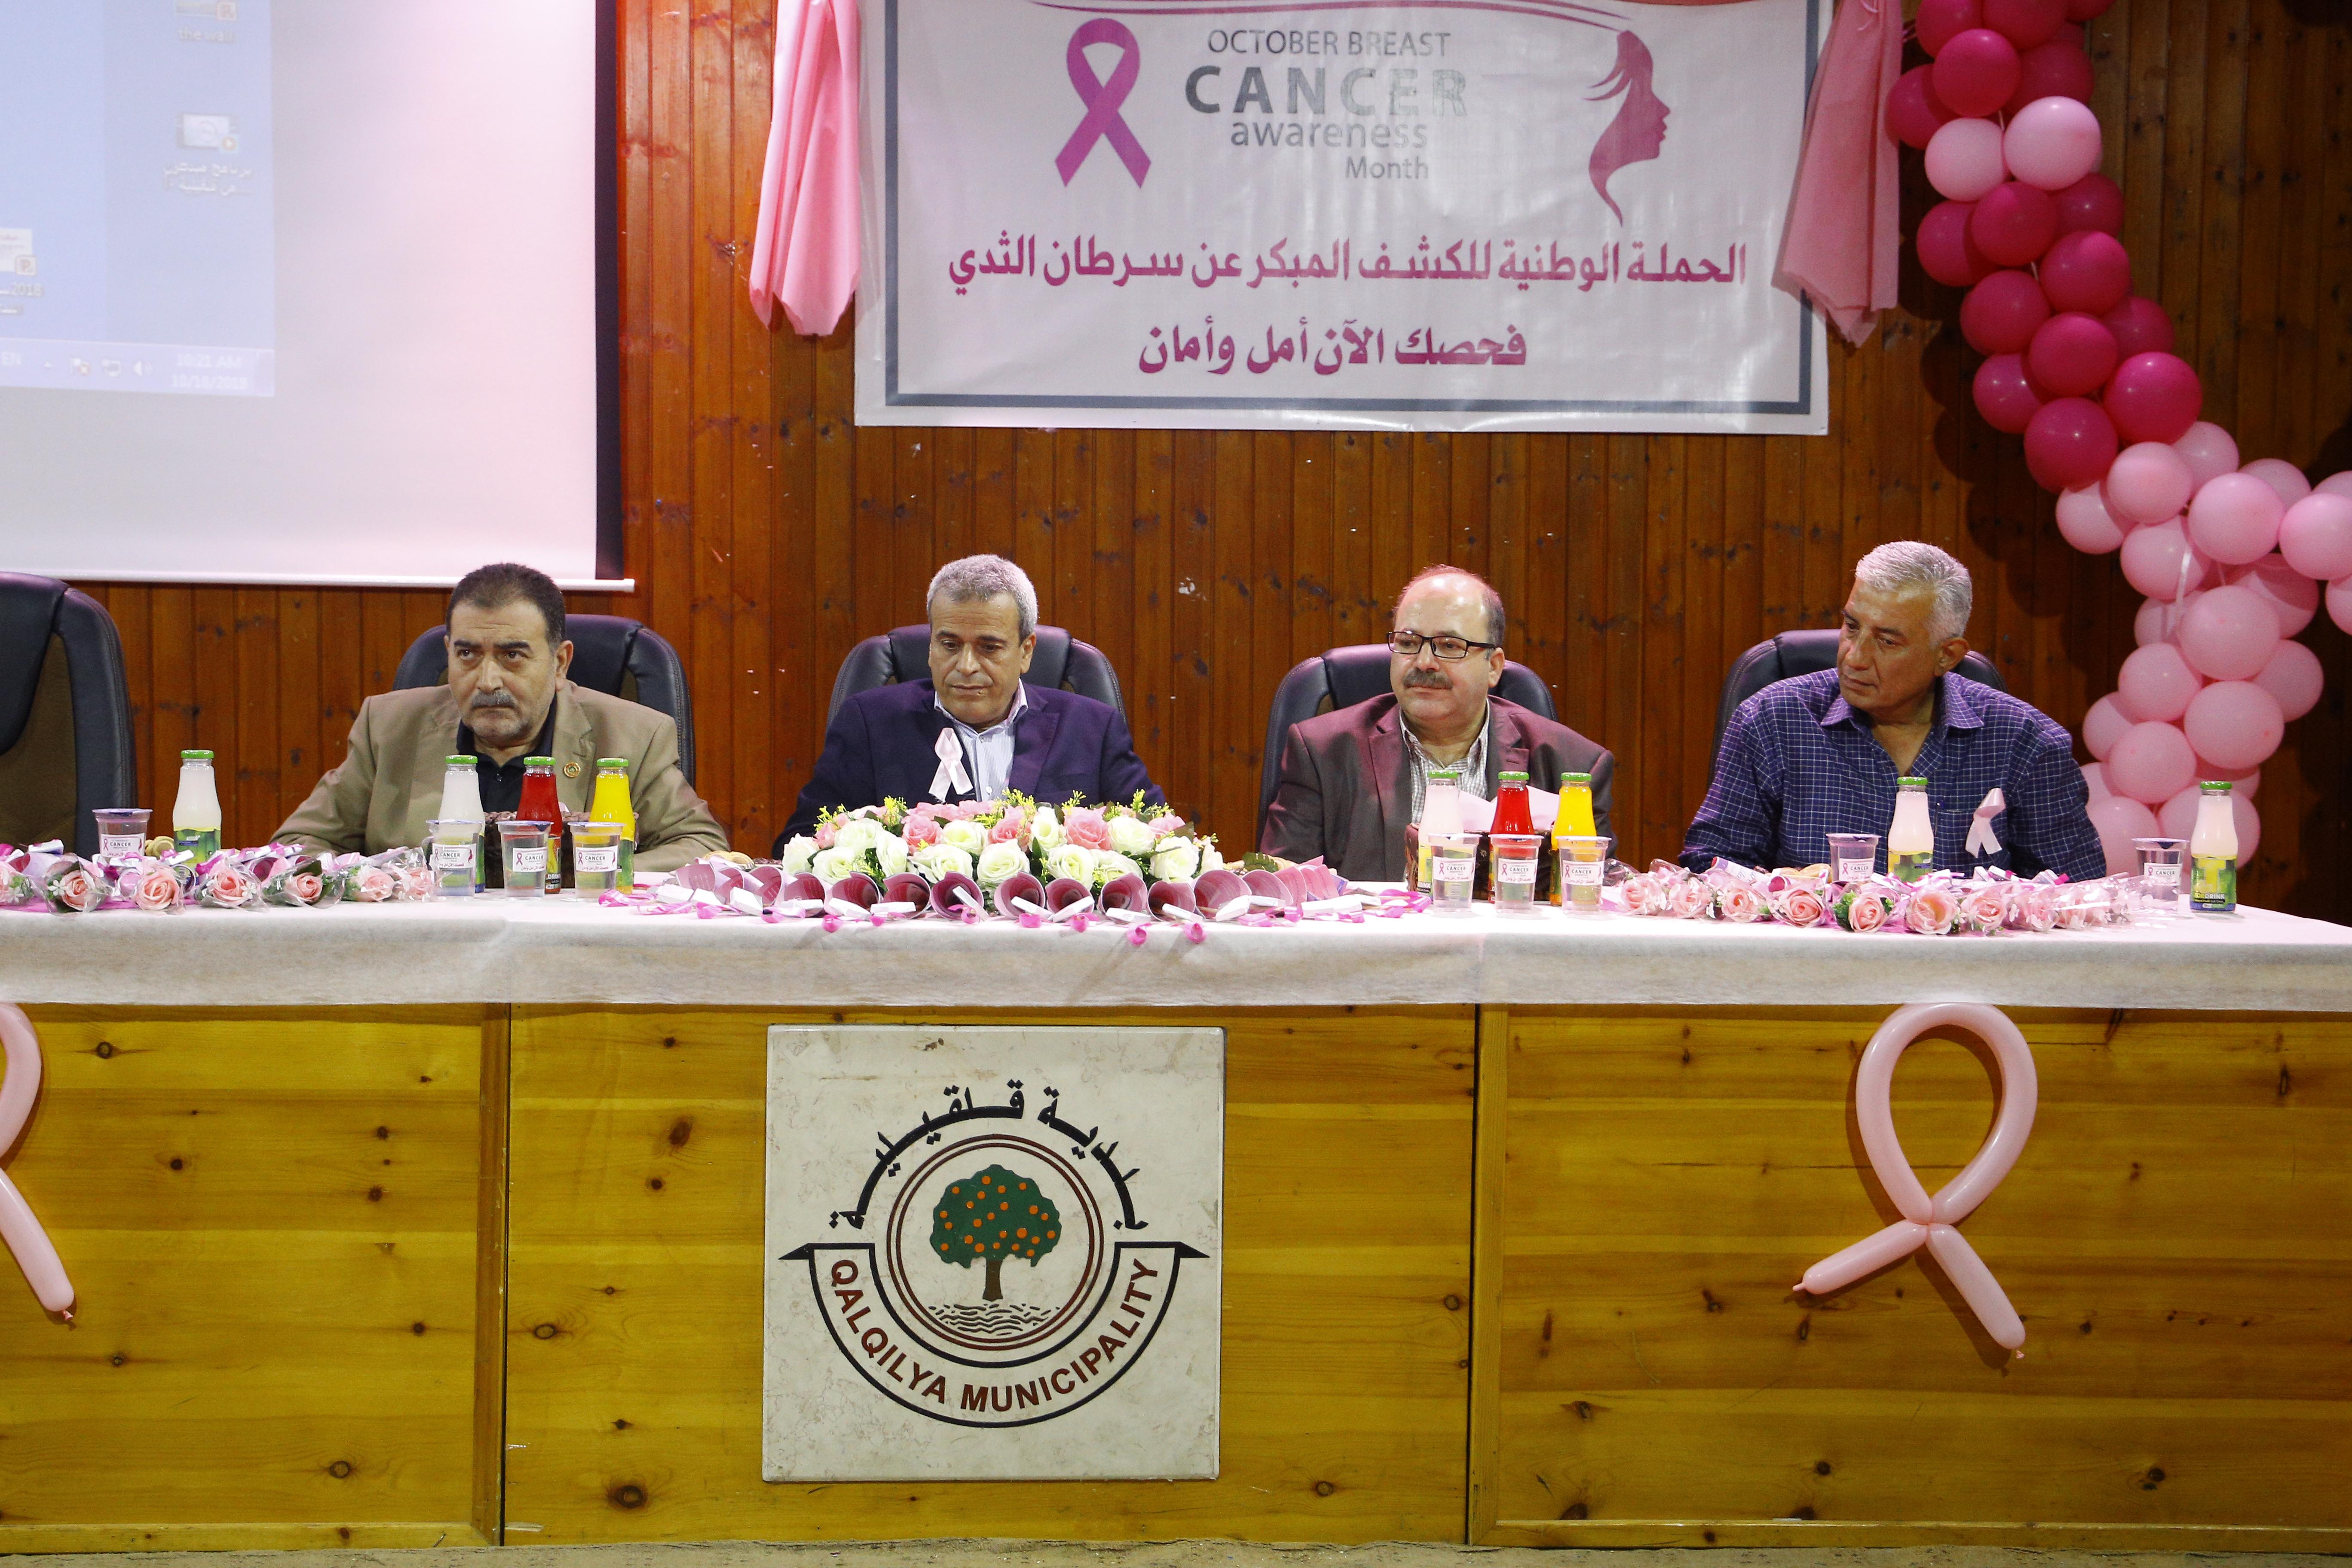 بلدية قلقيلية تستضيف فعاليات الحملة الوطنية لتوعية الكشف المبكر عن سرطان الثدي  